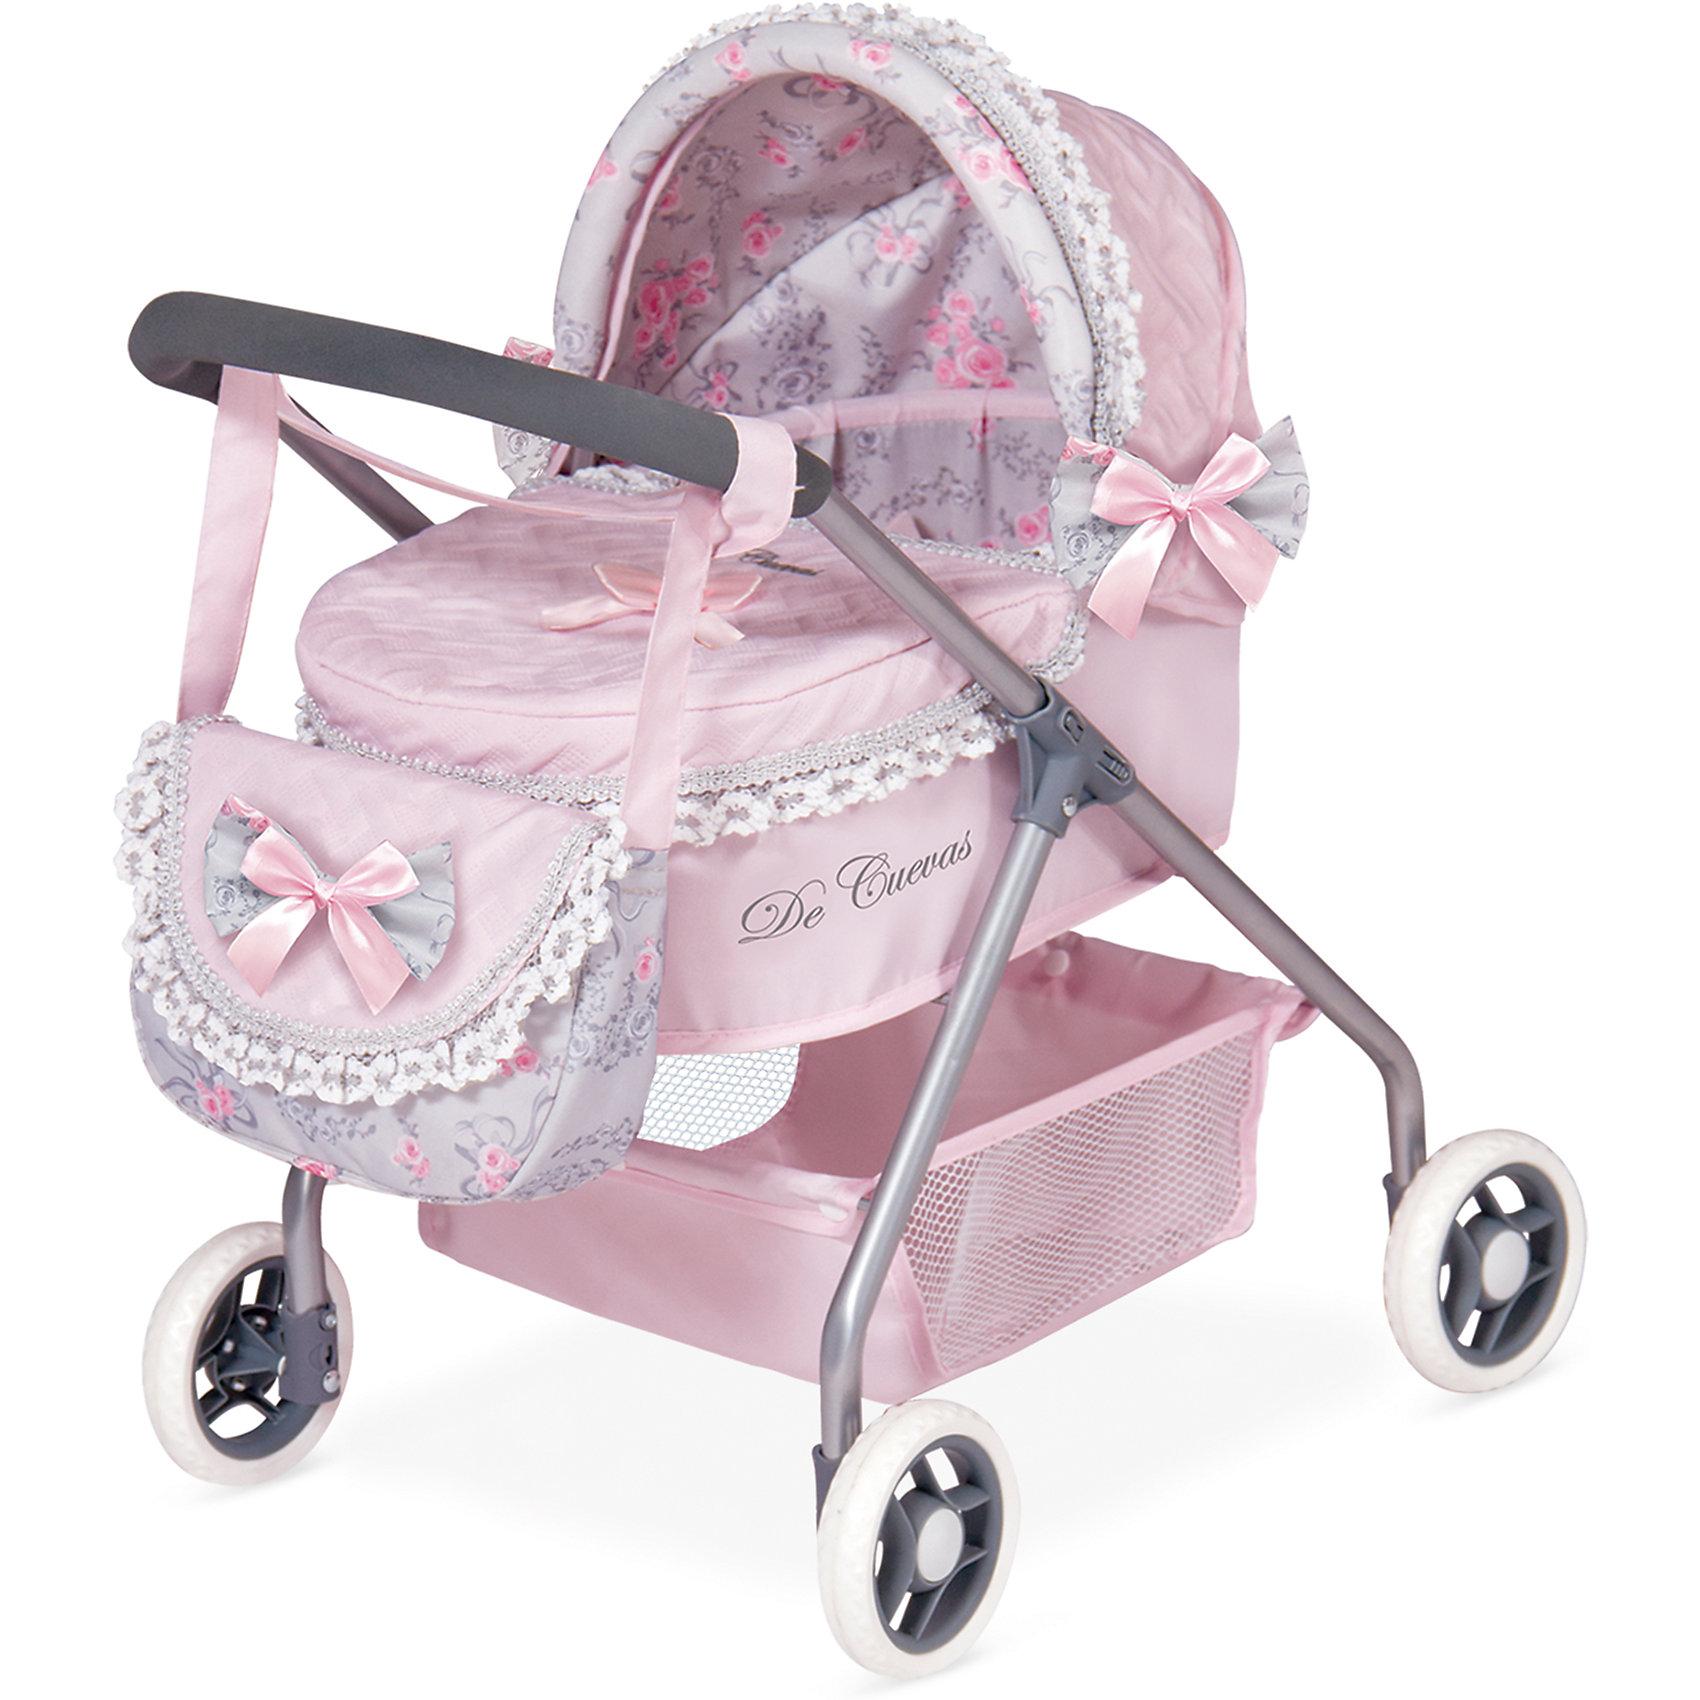 Коляска с сумкой Романтик, розовая, 56 см, DeCuevasКоляски и транспорт для кукол<br>Коляска для кукол классическая люлька-качалка. Нежно-розового цвета с бантиками и рюшками, сумочкой на ручку, зонтиком и подушкой. У коляски прорезиненные колеса, металлический каркас, удобная сетка внизу для вещей<br><br>Ширина мм: 350<br>Глубина мм: 510<br>Высота мм: 560<br>Вес г: 2725<br>Возраст от месяцев: 36<br>Возраст до месяцев: 2147483647<br>Пол: Женский<br>Возраст: Детский<br>SKU: 6876435